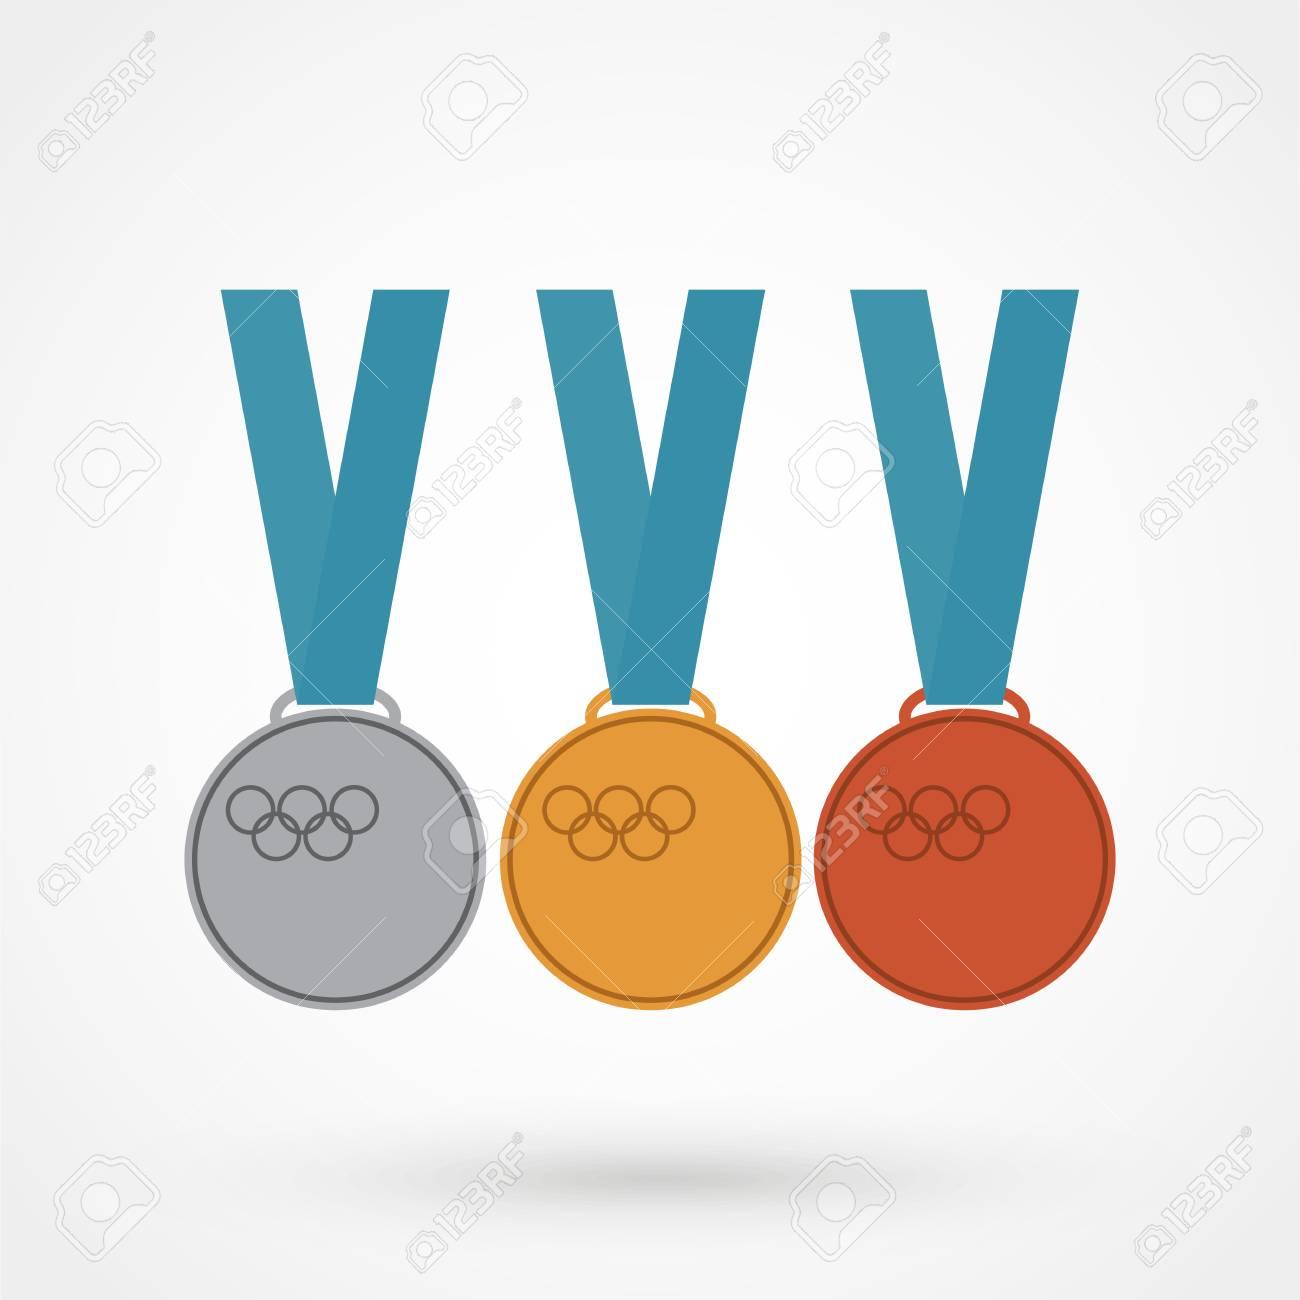 1位 2位 3位の賞 金メダル 銀メダル 銅メダル のイラスト素材 ベクタ Image